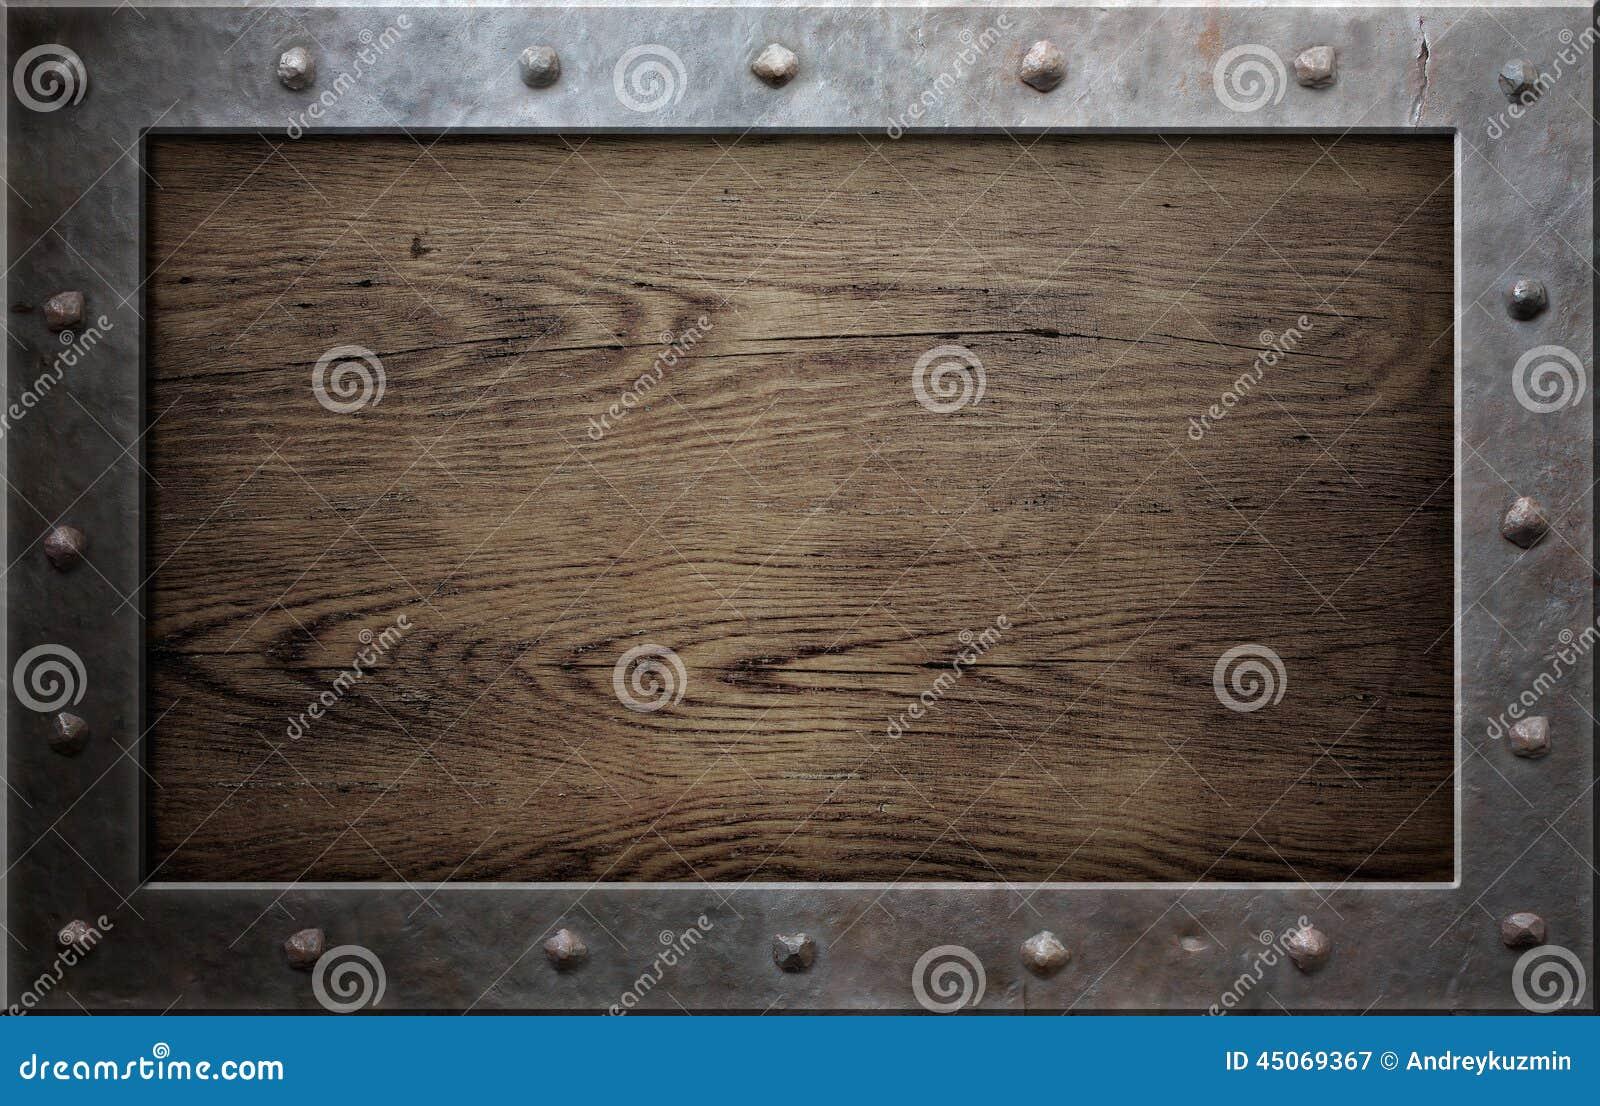 vieux cadre en m tal au dessus de fond en bois photo stock image 45069367. Black Bedroom Furniture Sets. Home Design Ideas